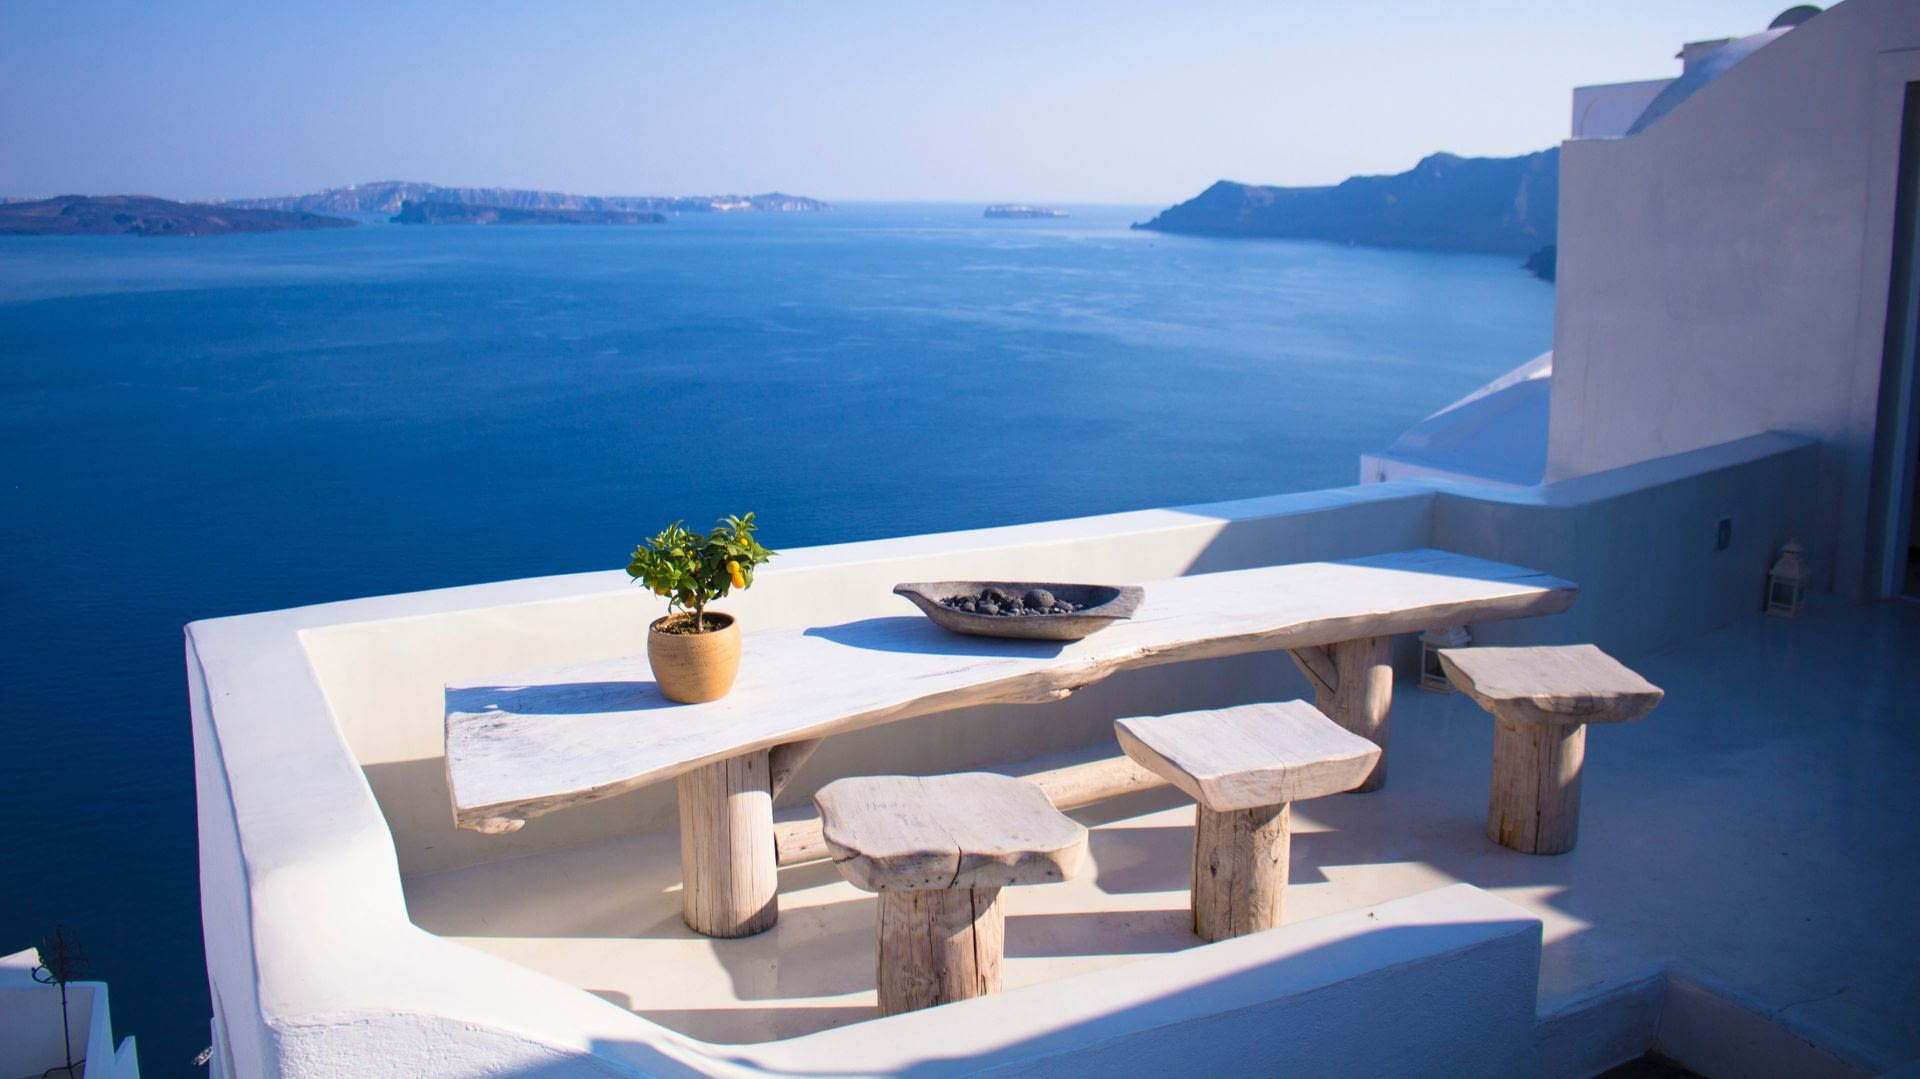 Les 13 Meilleurs Hôtels À Santorin - Nos Incontournables encequiconcerne Hotel Santorin Avec Piscine Privée